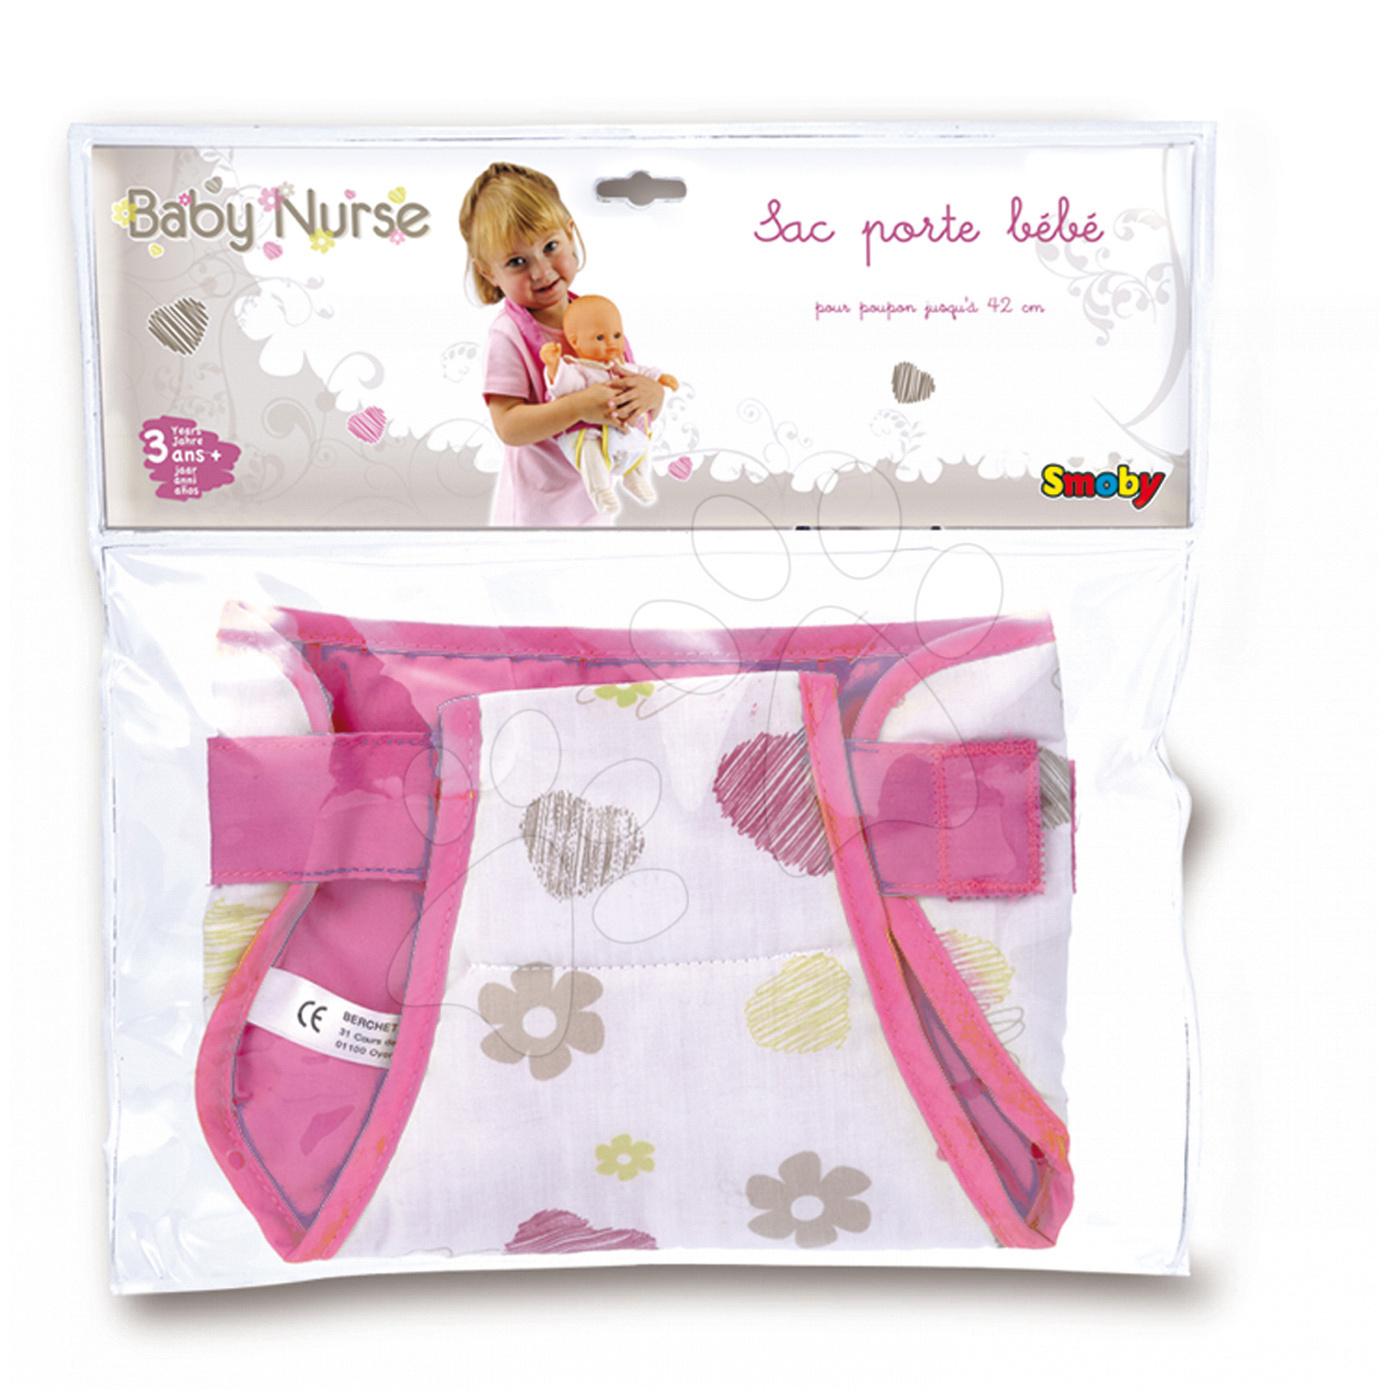 Doplnky pre bábiky - Nosidlo pre bábiku do 42 cm Baby Nurse Smoby klokanka tmavoružové